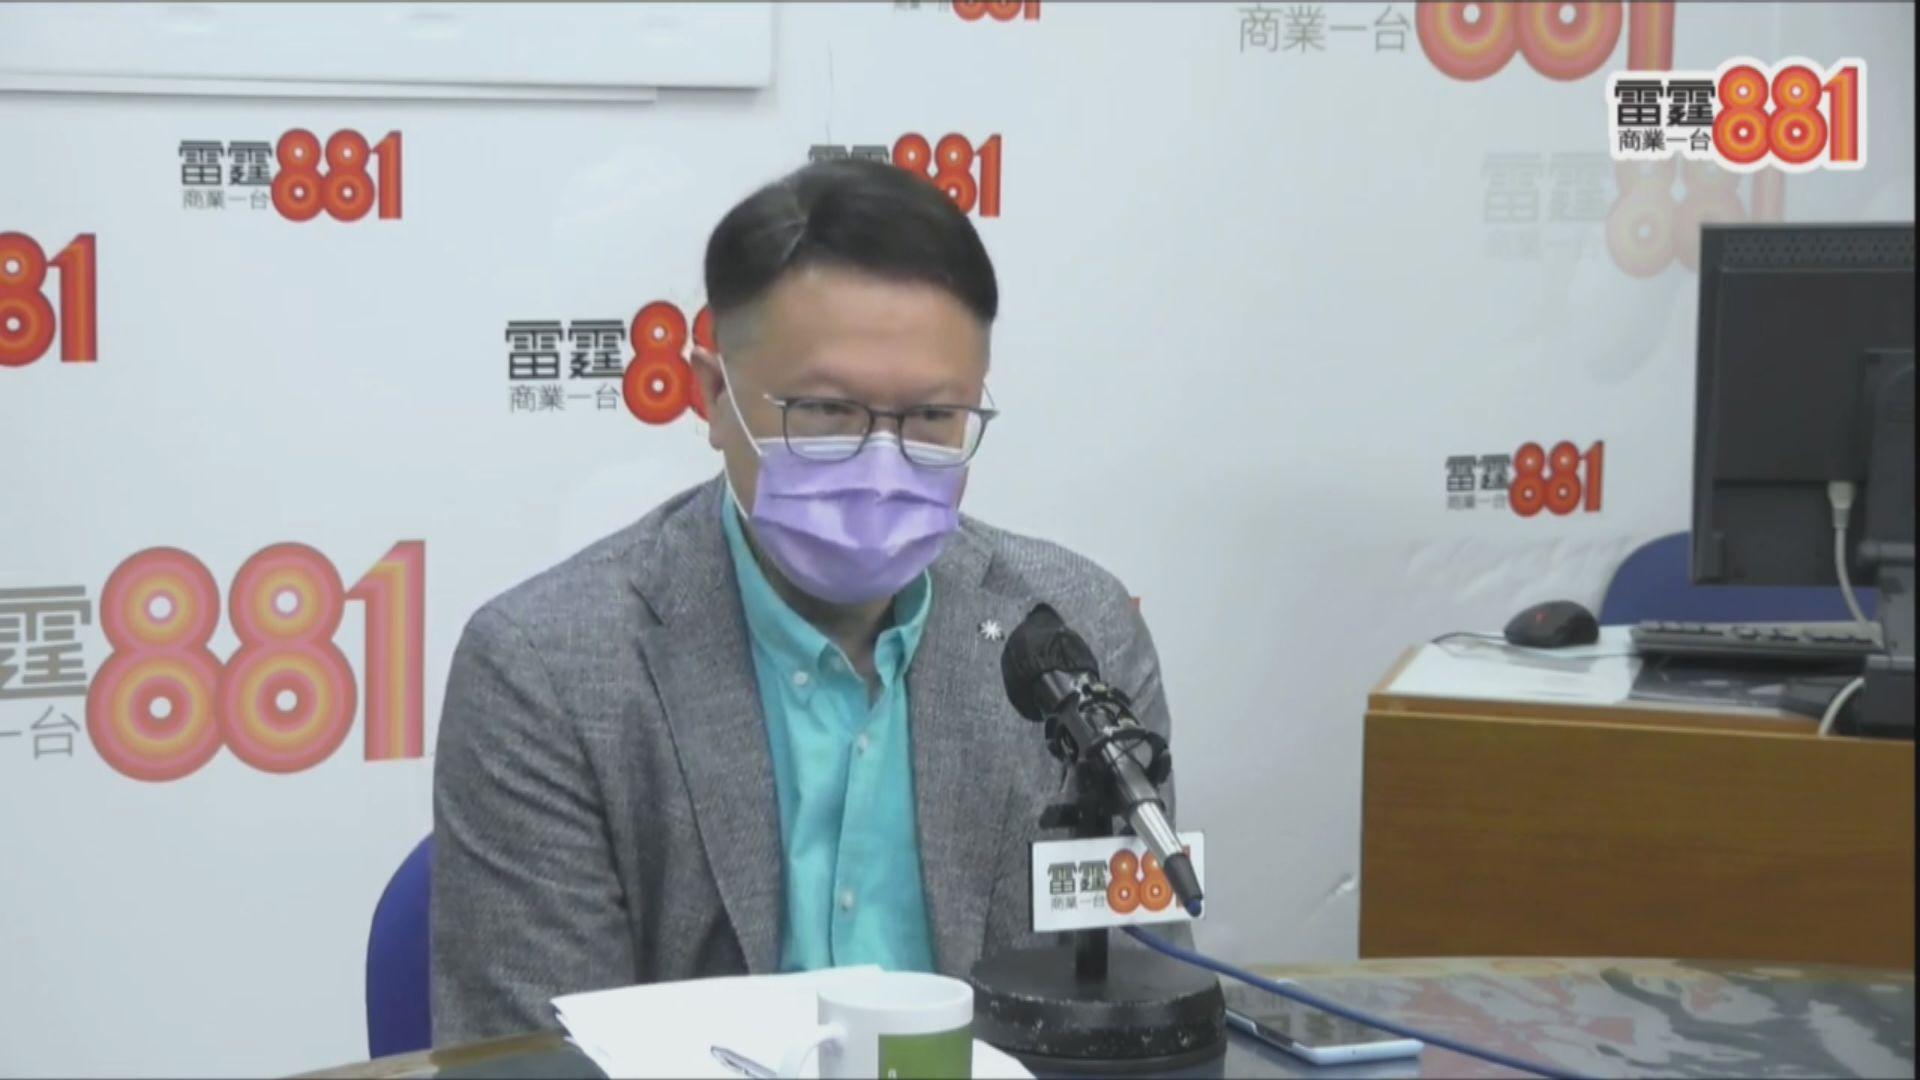 許樹昌:不應混淆全民檢測及健康碼